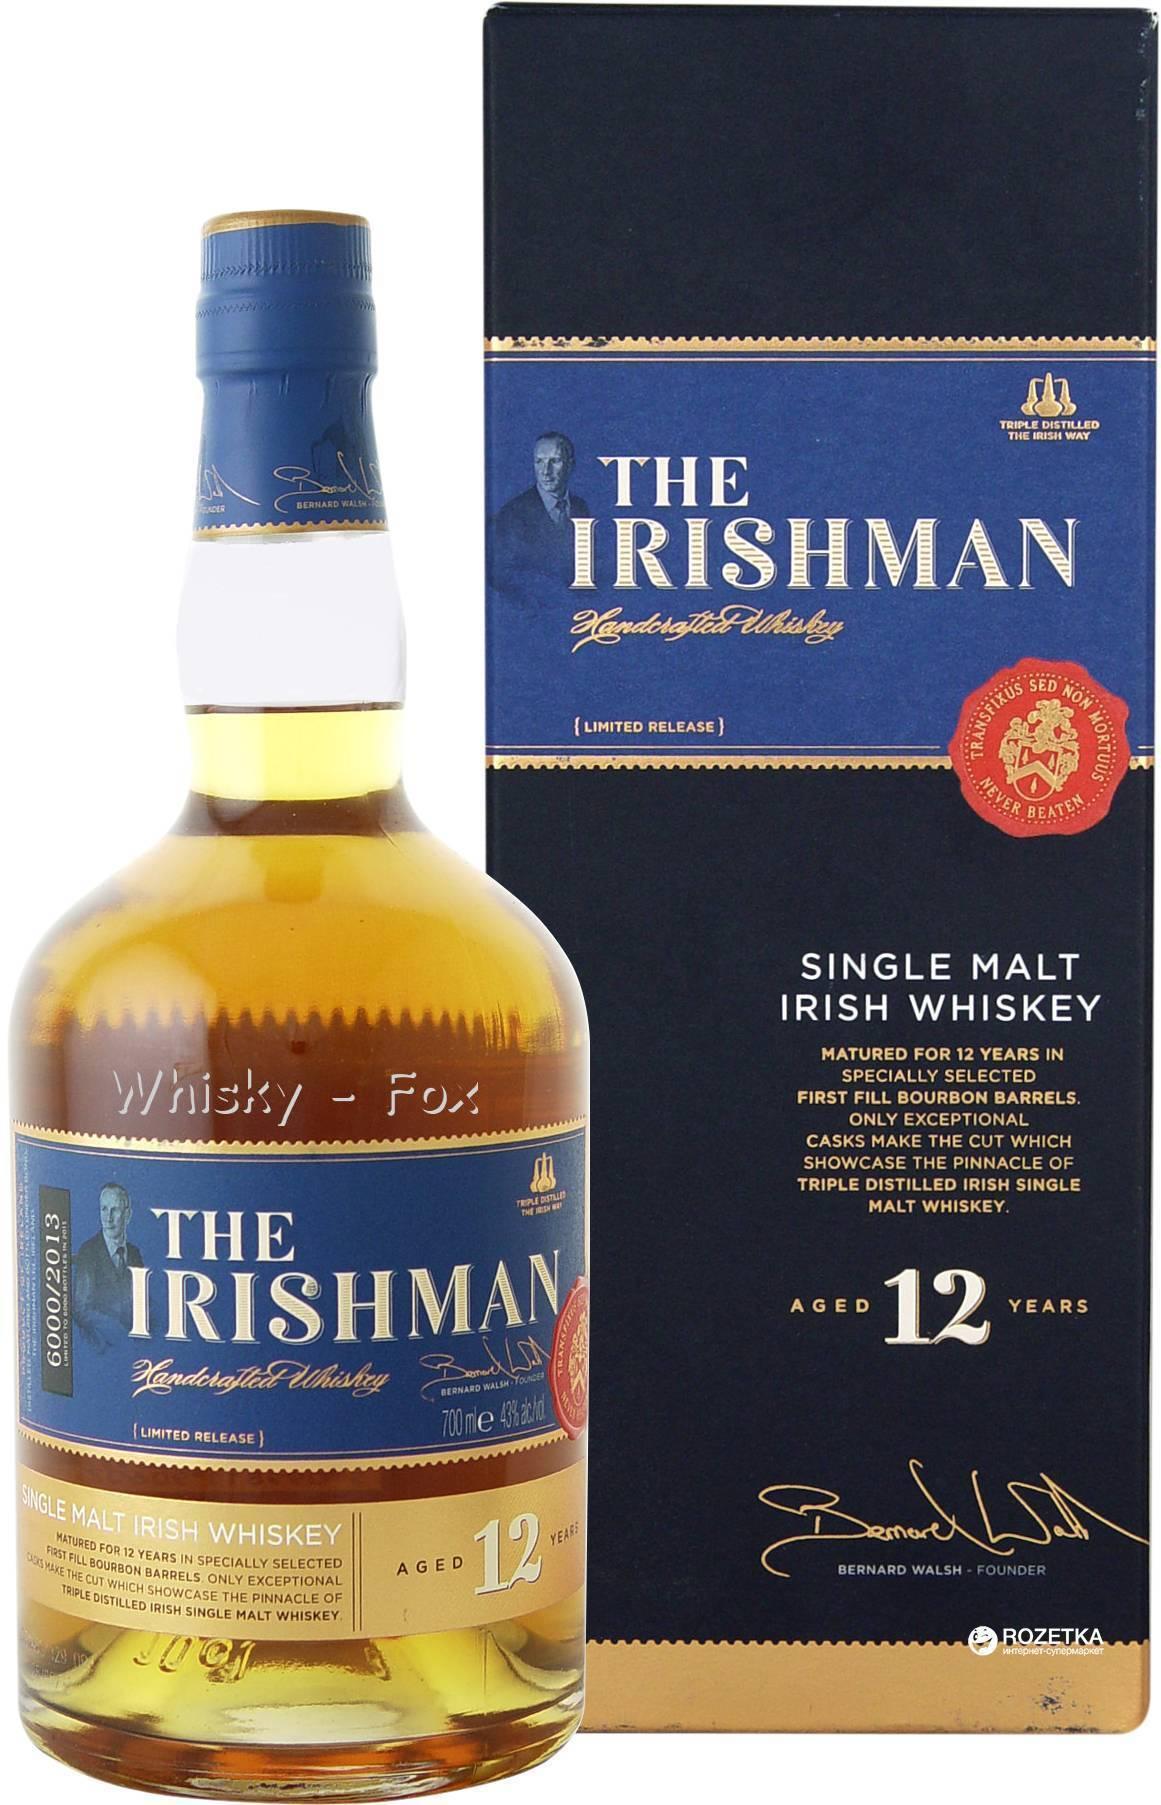 Виски irishman: обзор, виды, цена